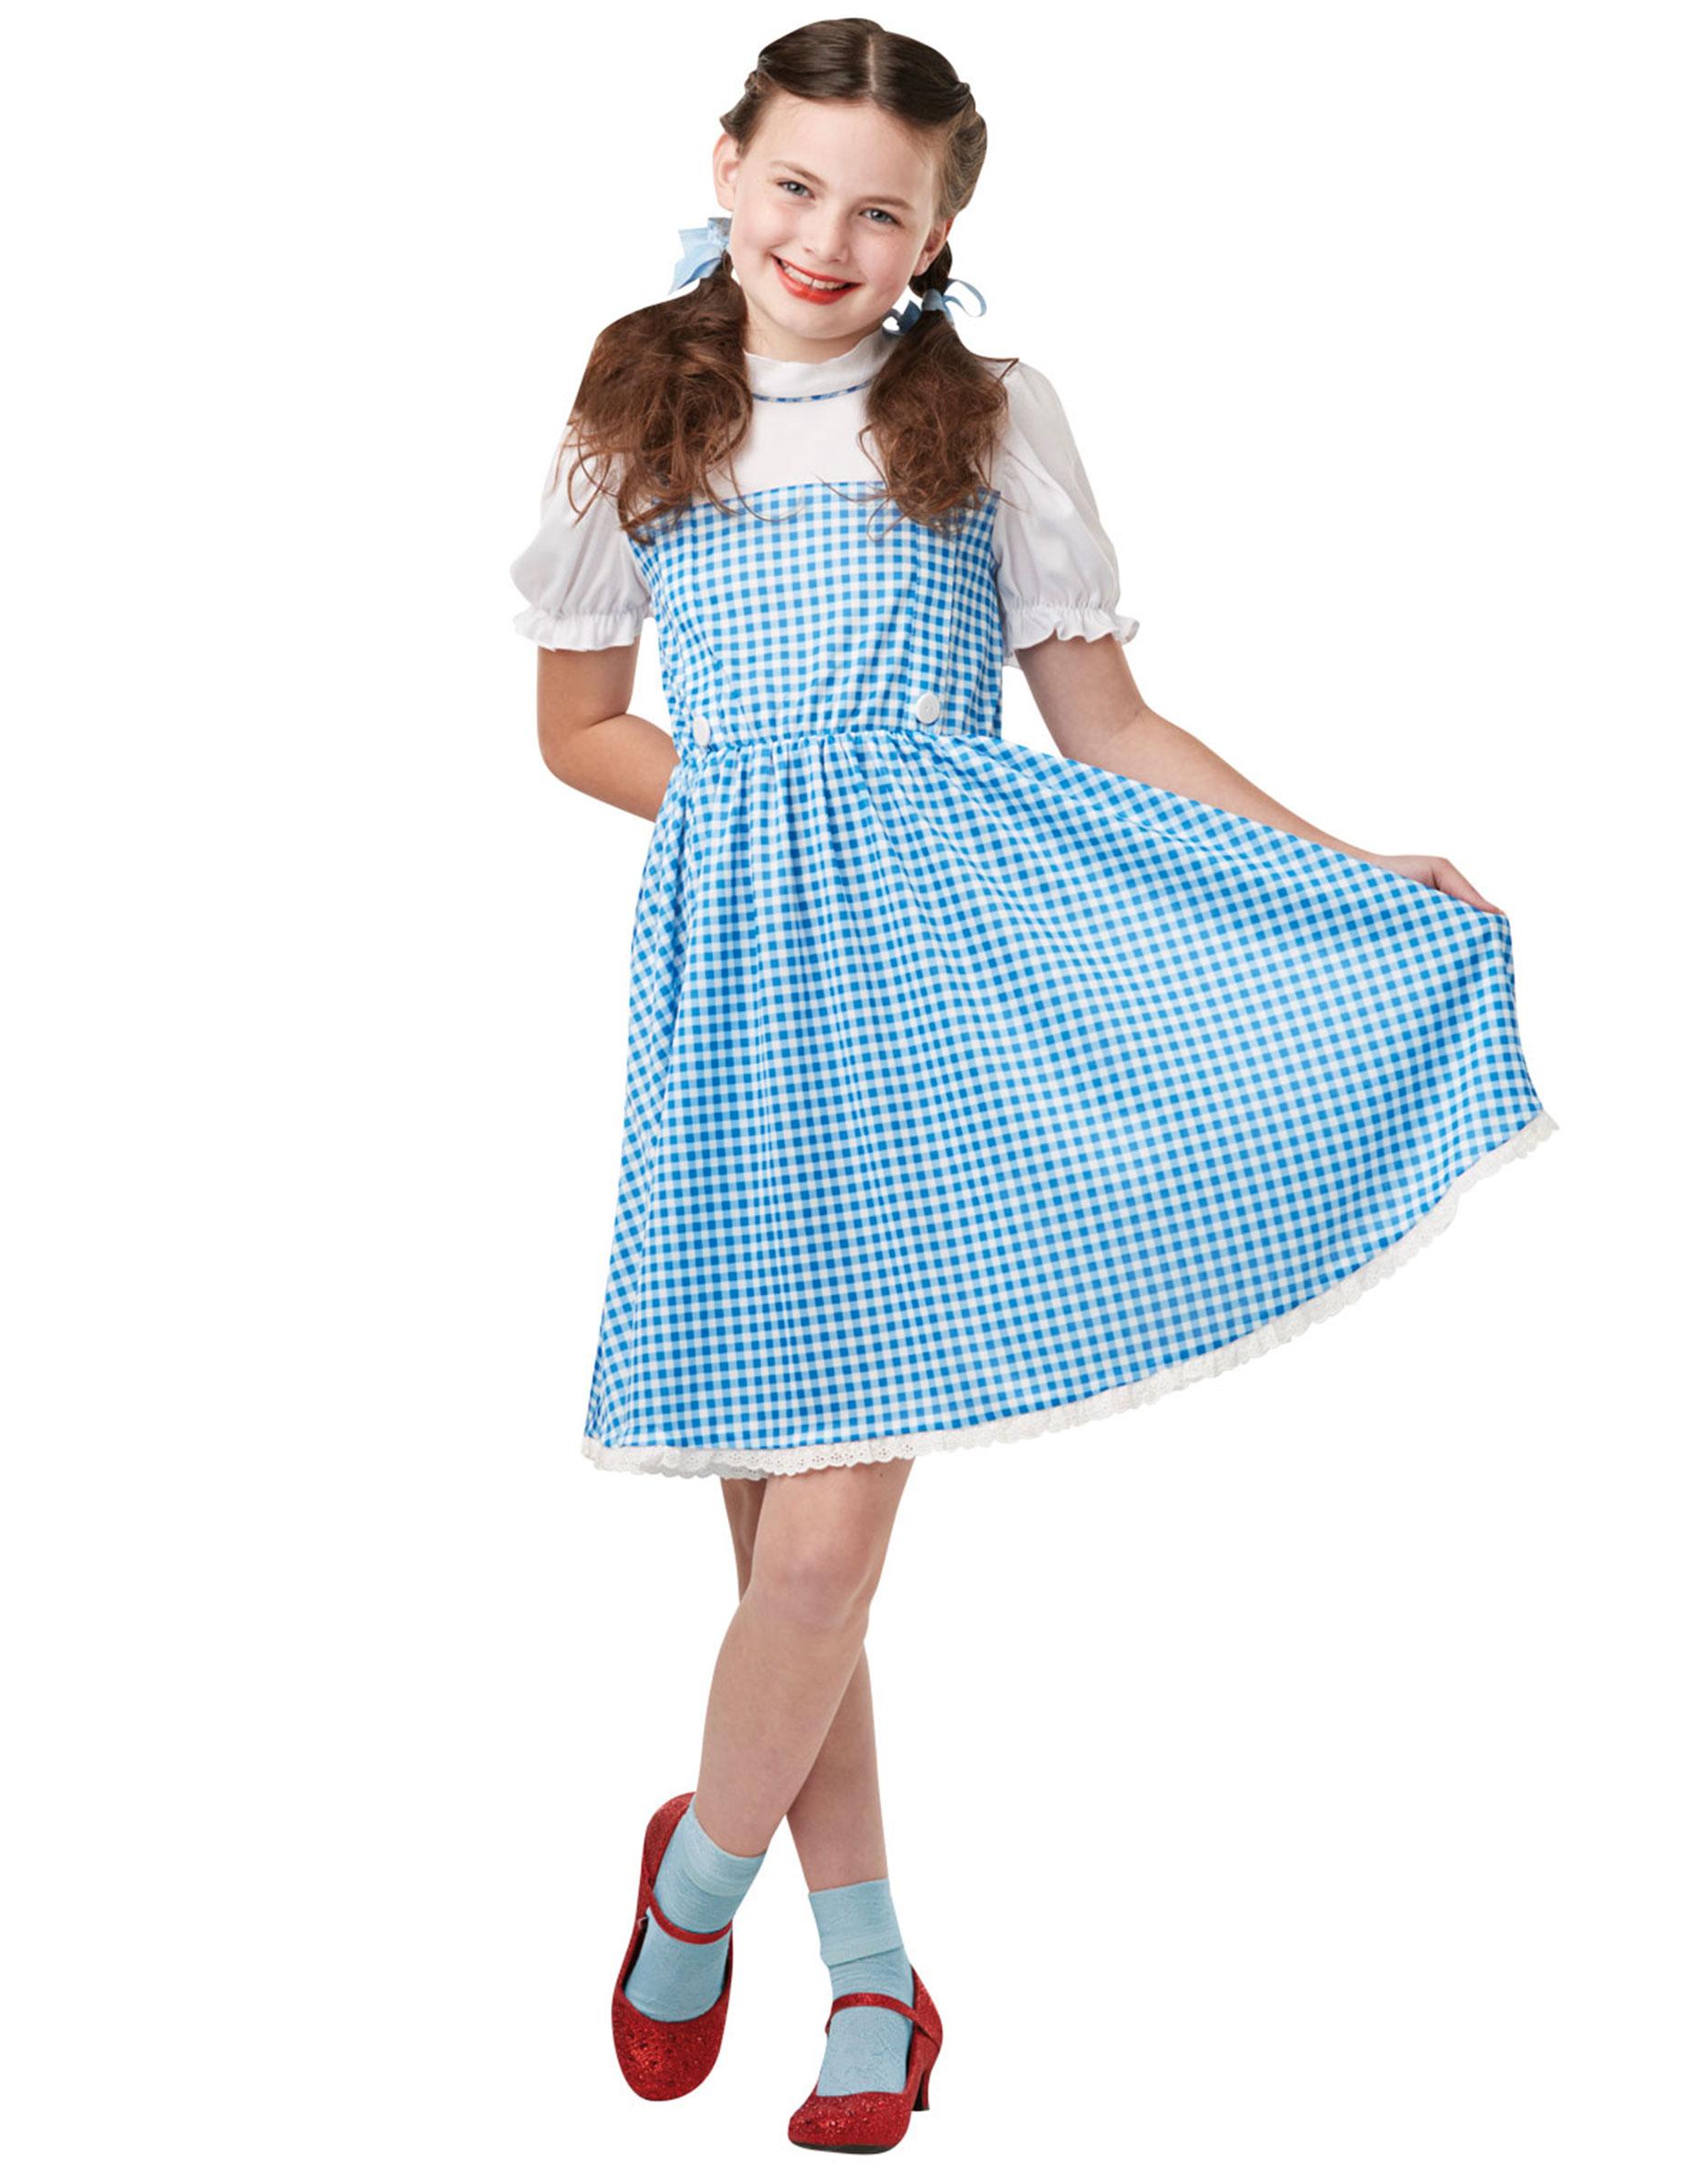 Doroty Il VegaoopartyNegozio Da Costume Bambina Mago Su Oz™ Di hdxtsrCQ